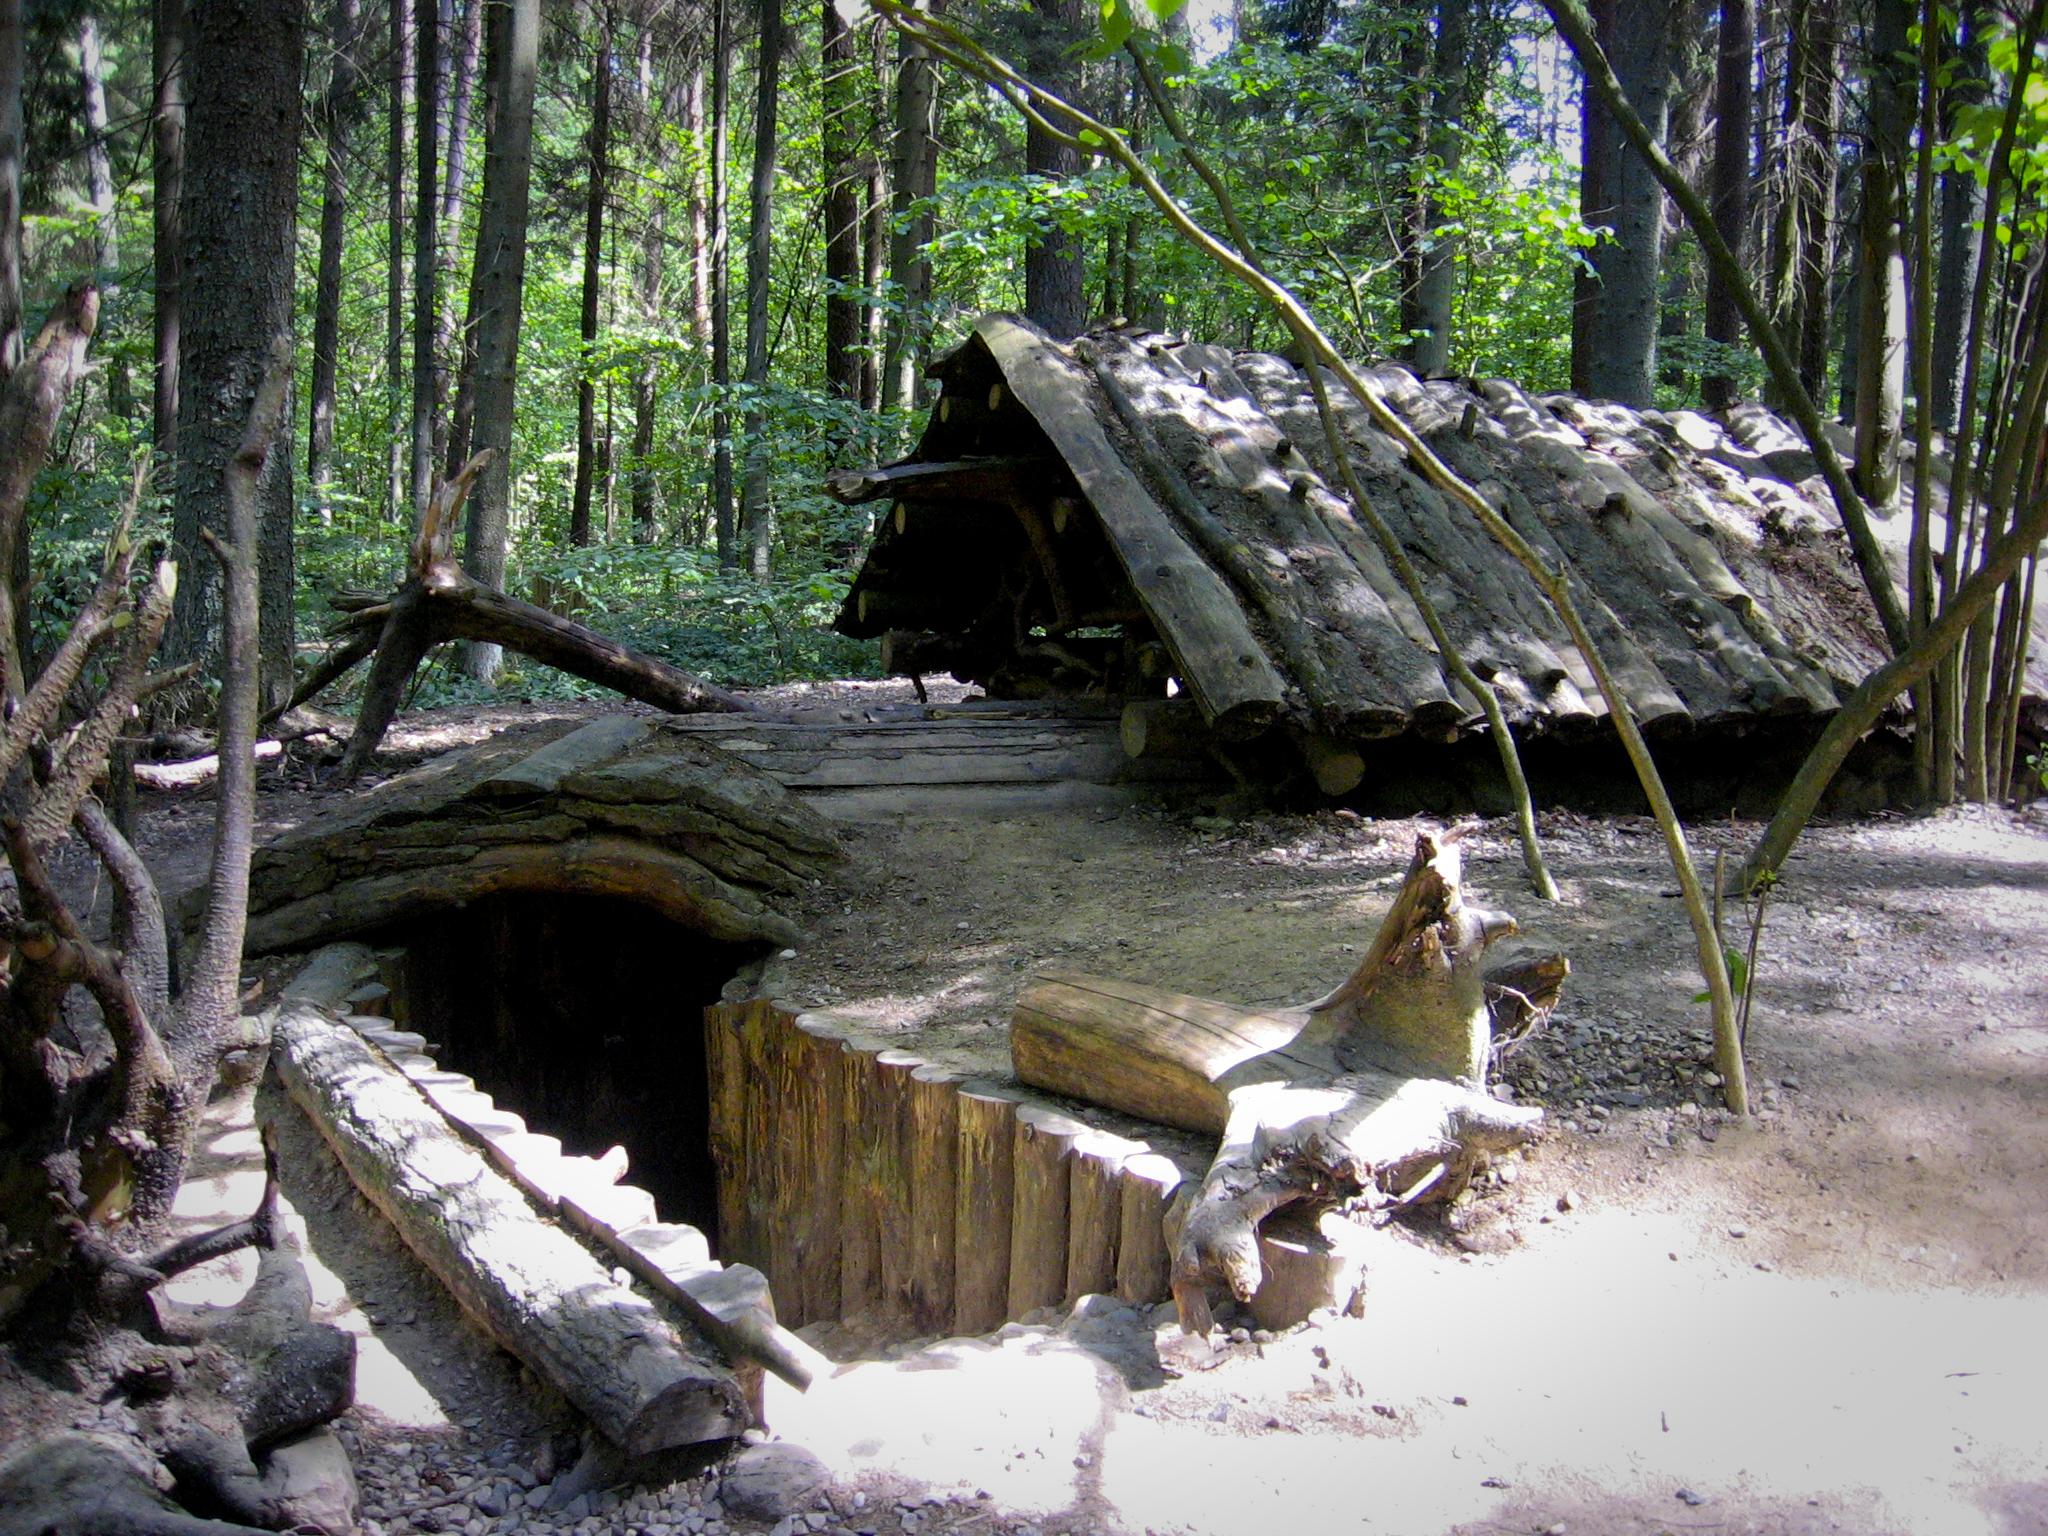 Filepasaku Miske 2 Wikimedia Commons Aku April 2010 Current 1827 8